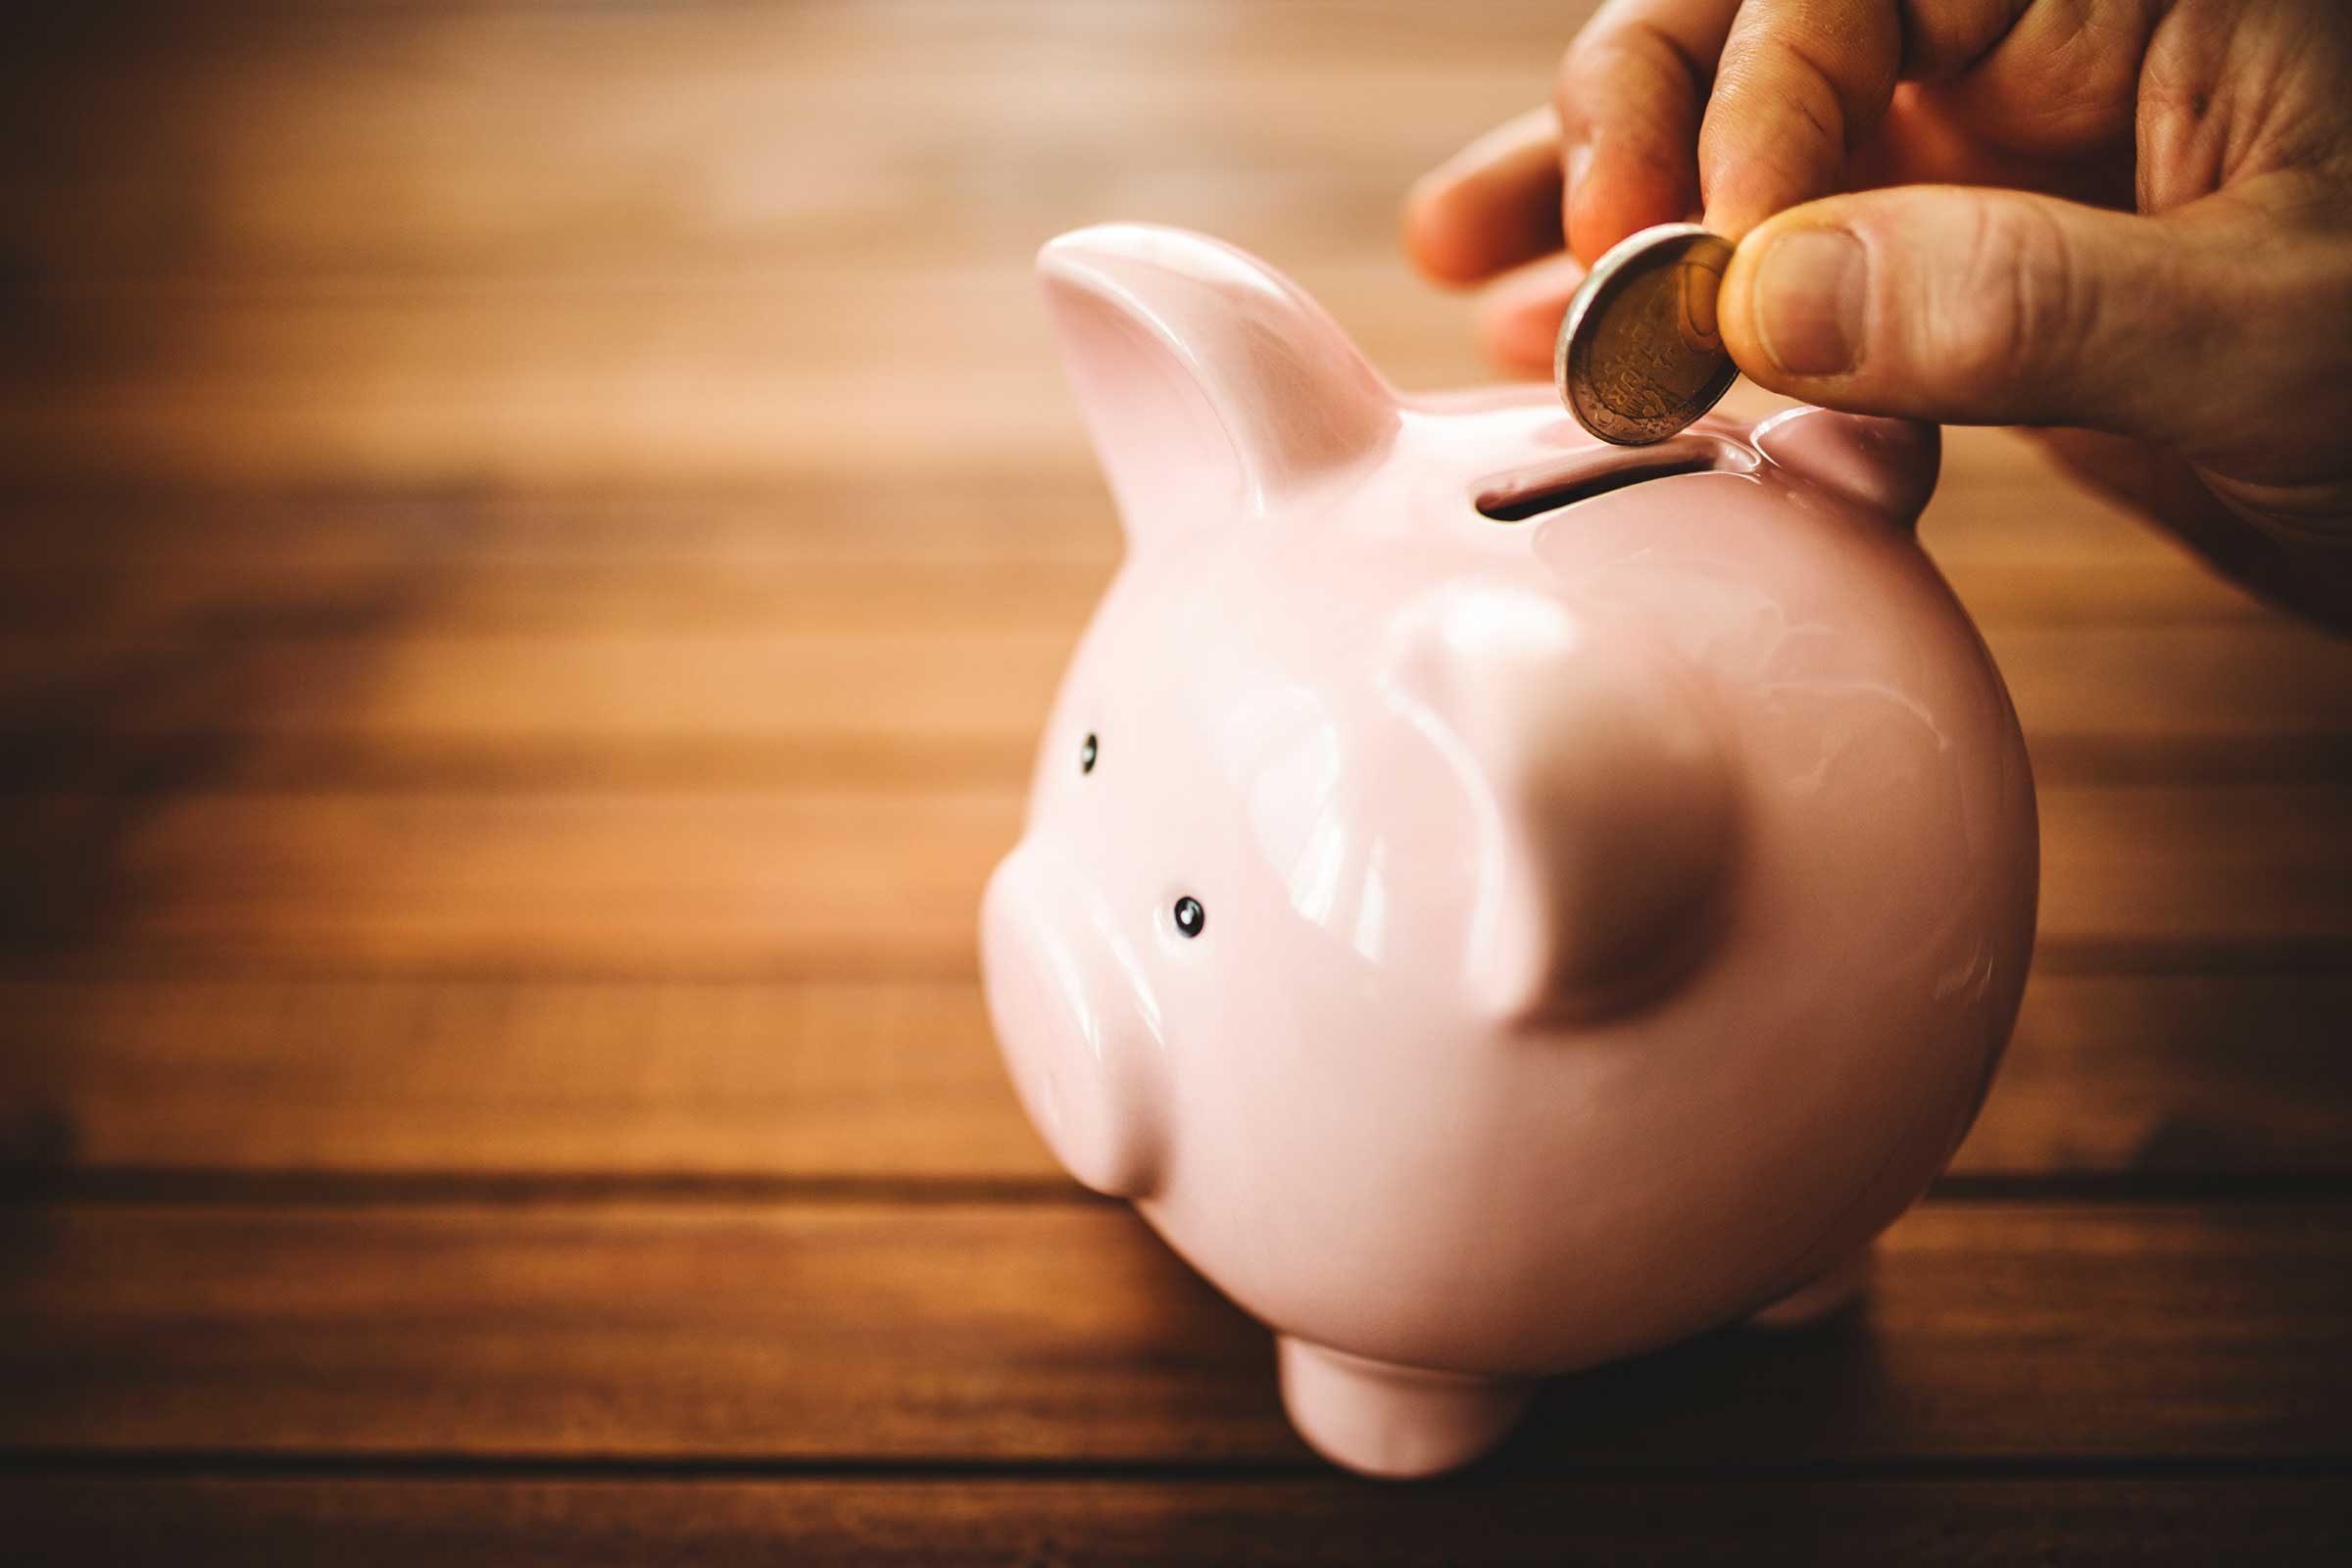 Risultati immagini per saving money